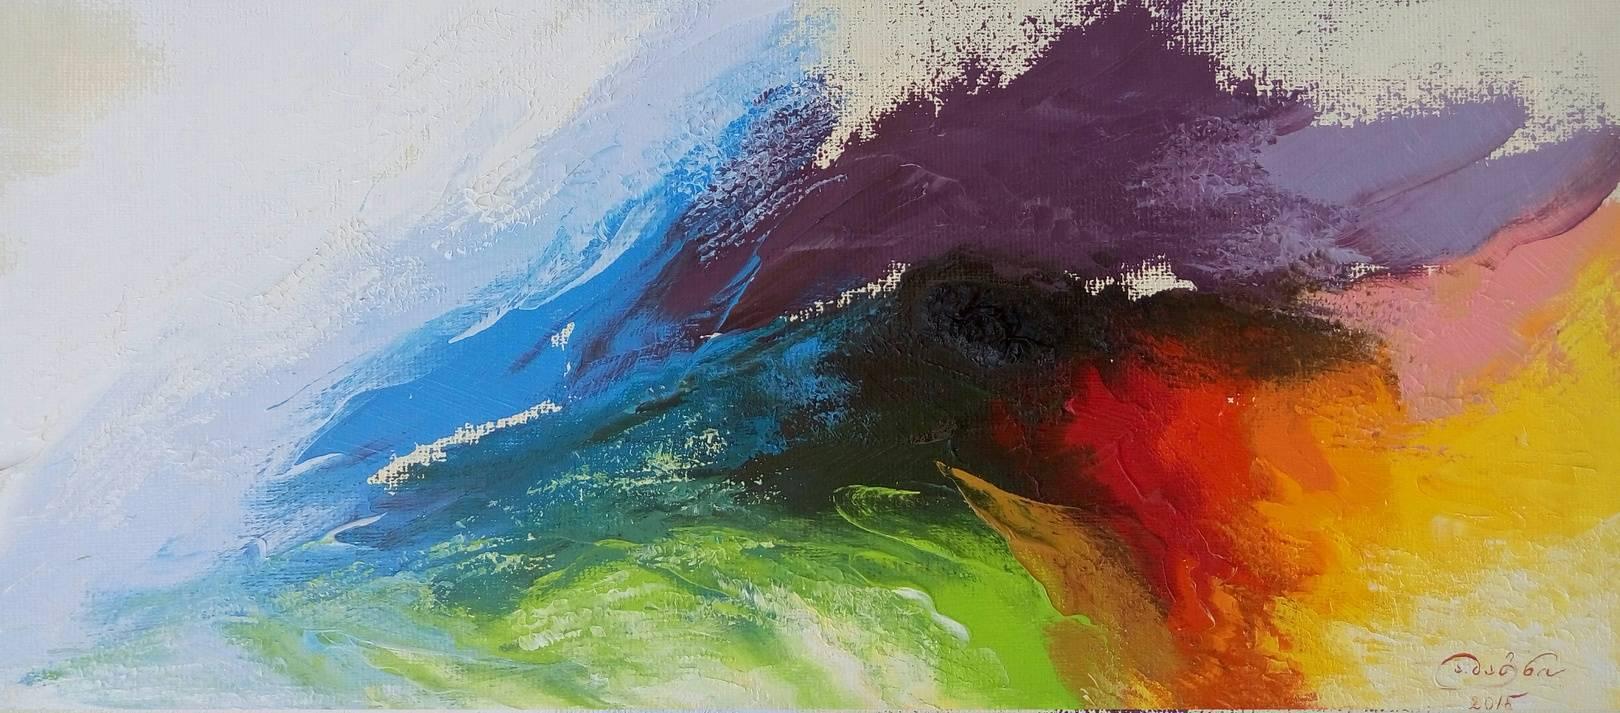 «Картли»                      холст, масло «Kartli»                         oil on canvas  30x70, 2015